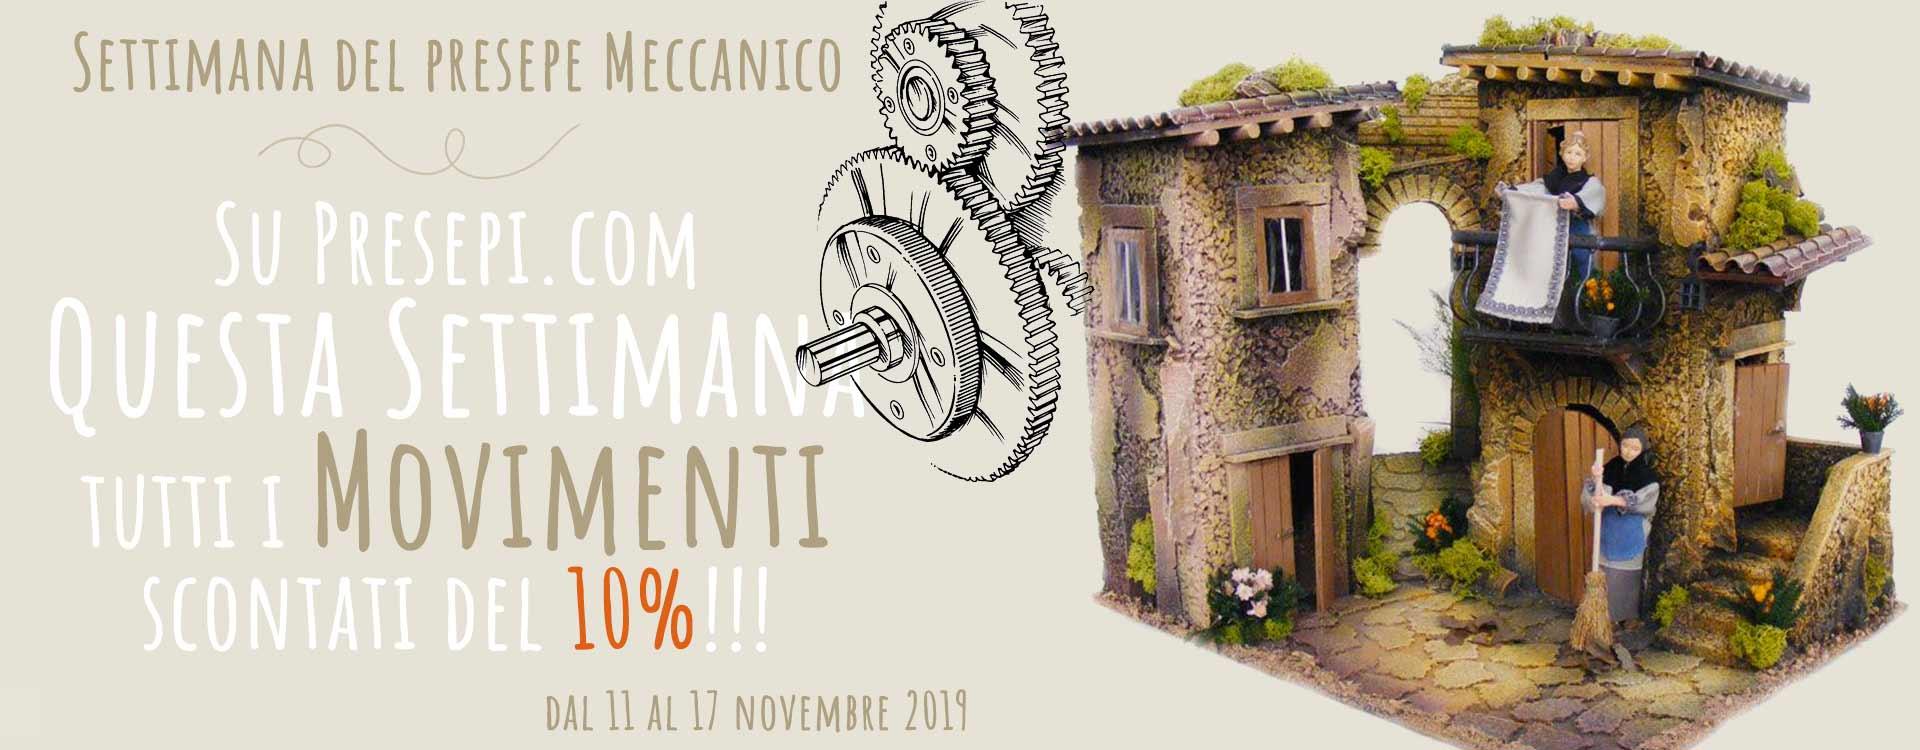 Fino al 17 novembre 10% di sconto su tutti i movimenti